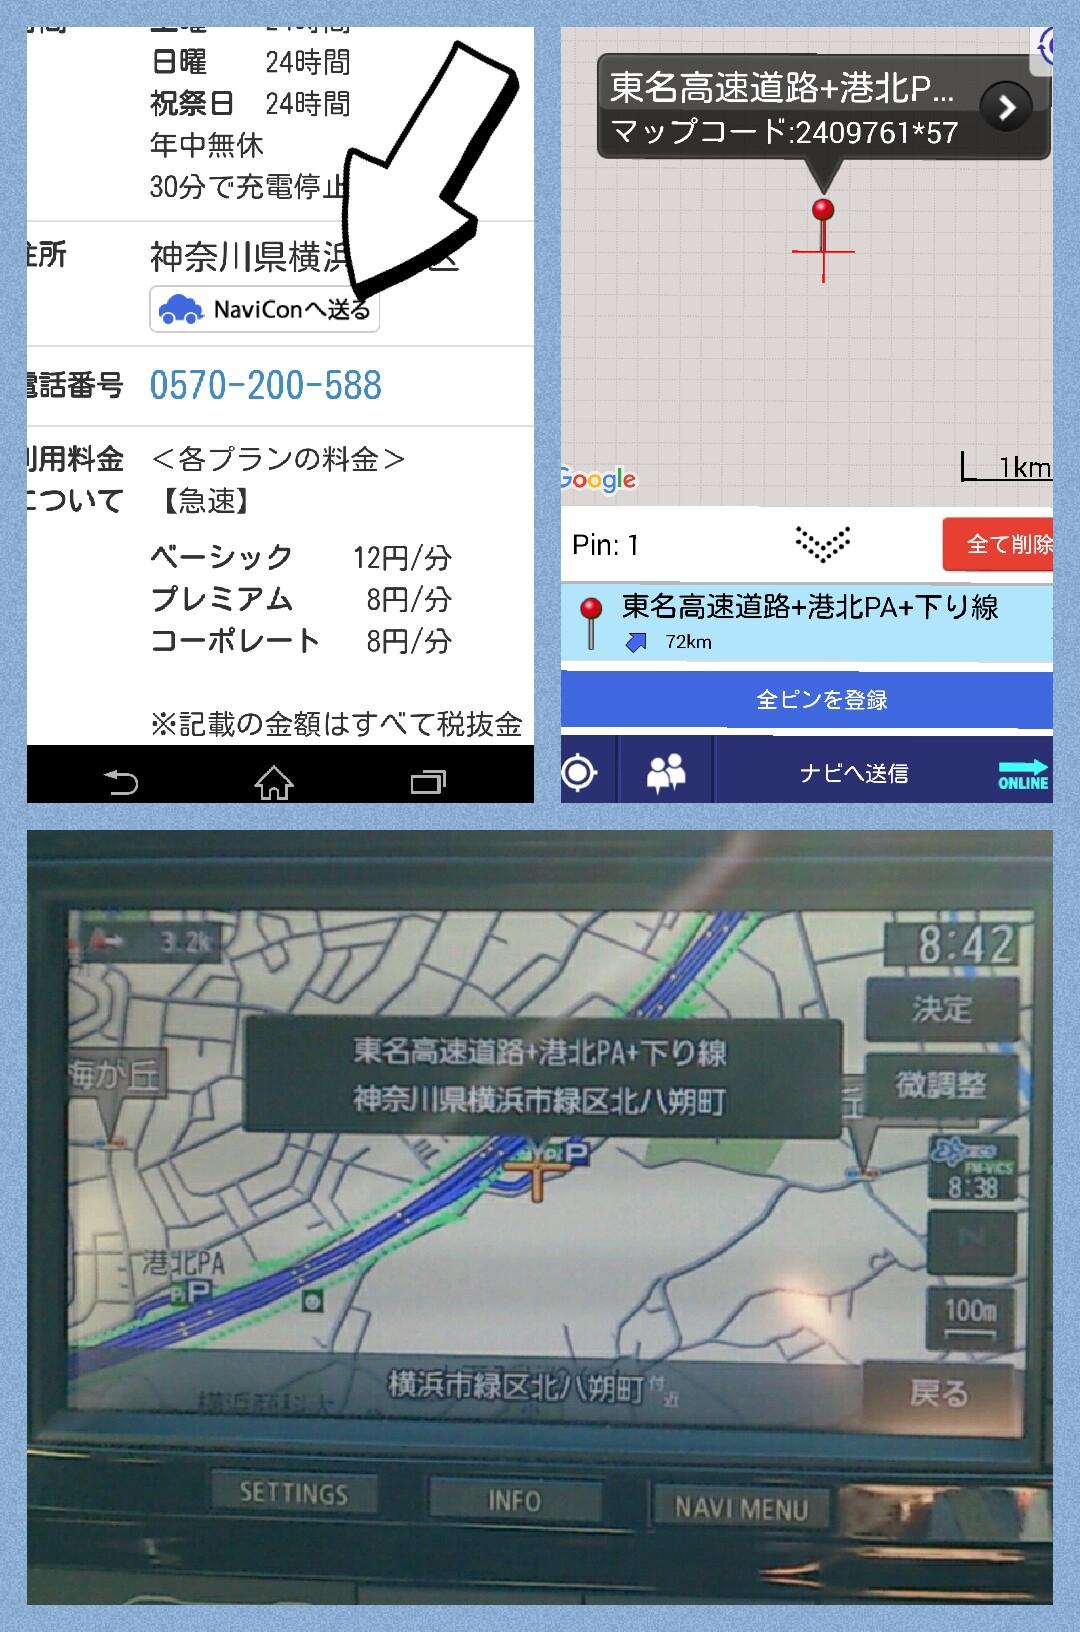 三菱電動車両サポートアプリ ナビコン転送